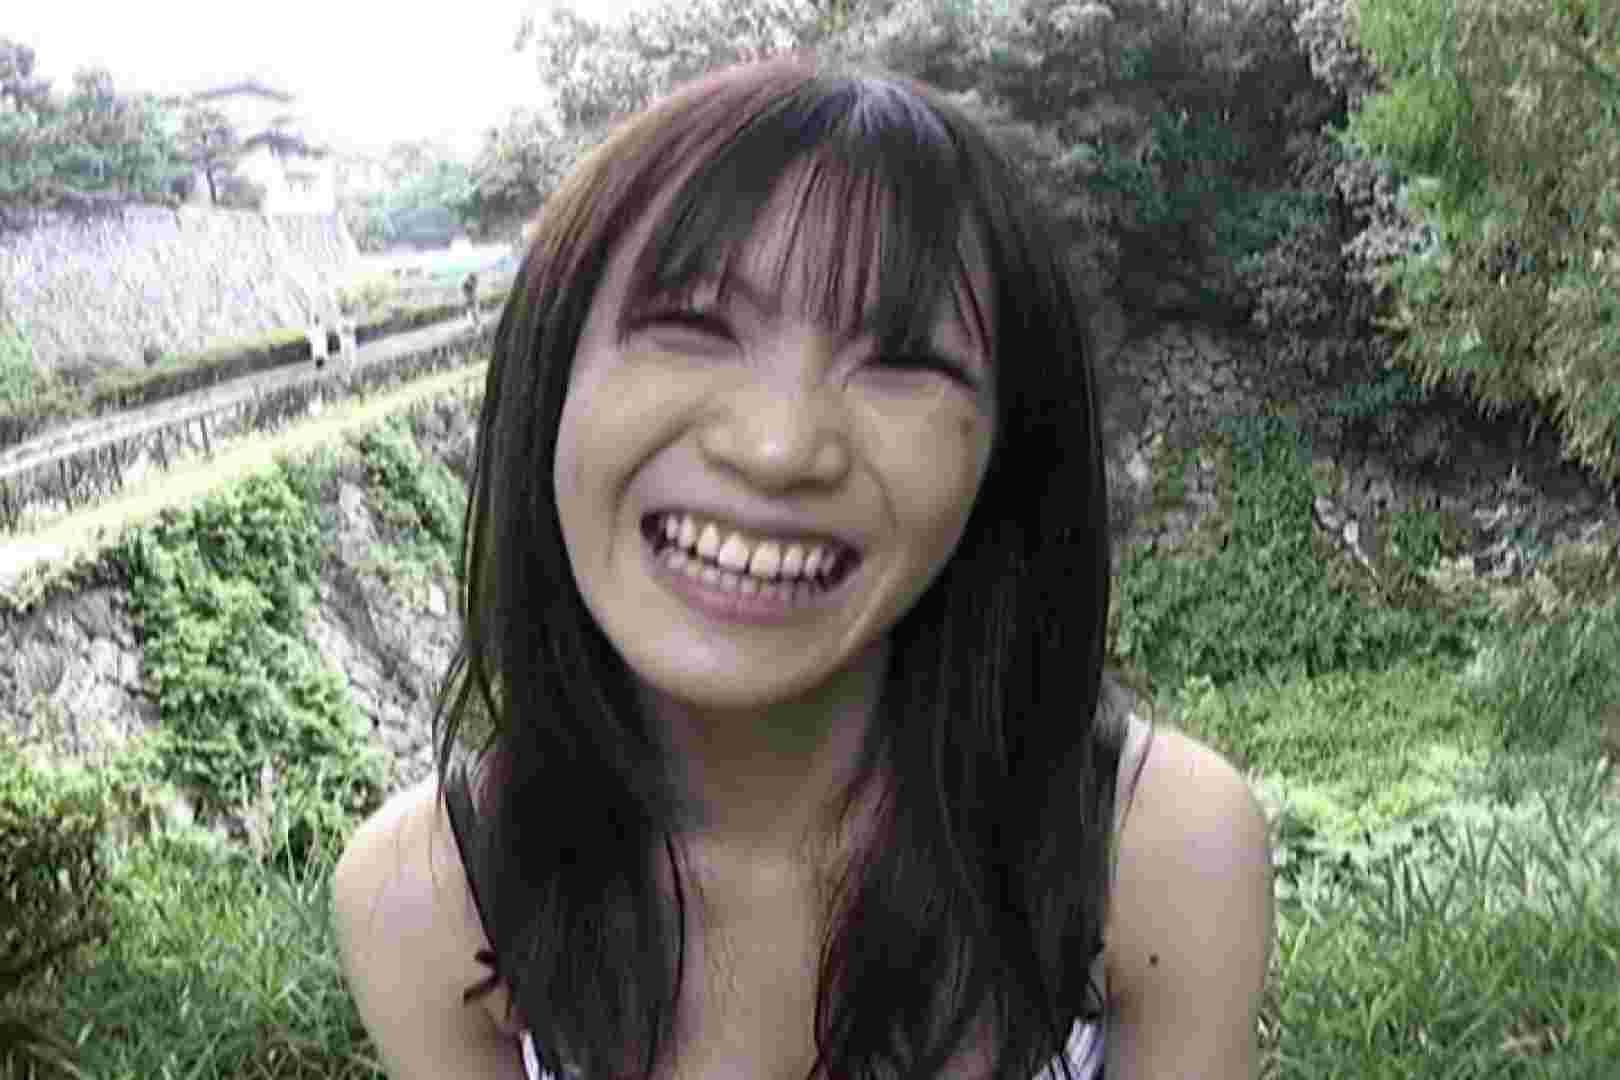 ハイビジョンパンチラ オッテQさんの追跡パンチラ制服女子編Vol.05 OL裸体 | 盗撮  50画像 43